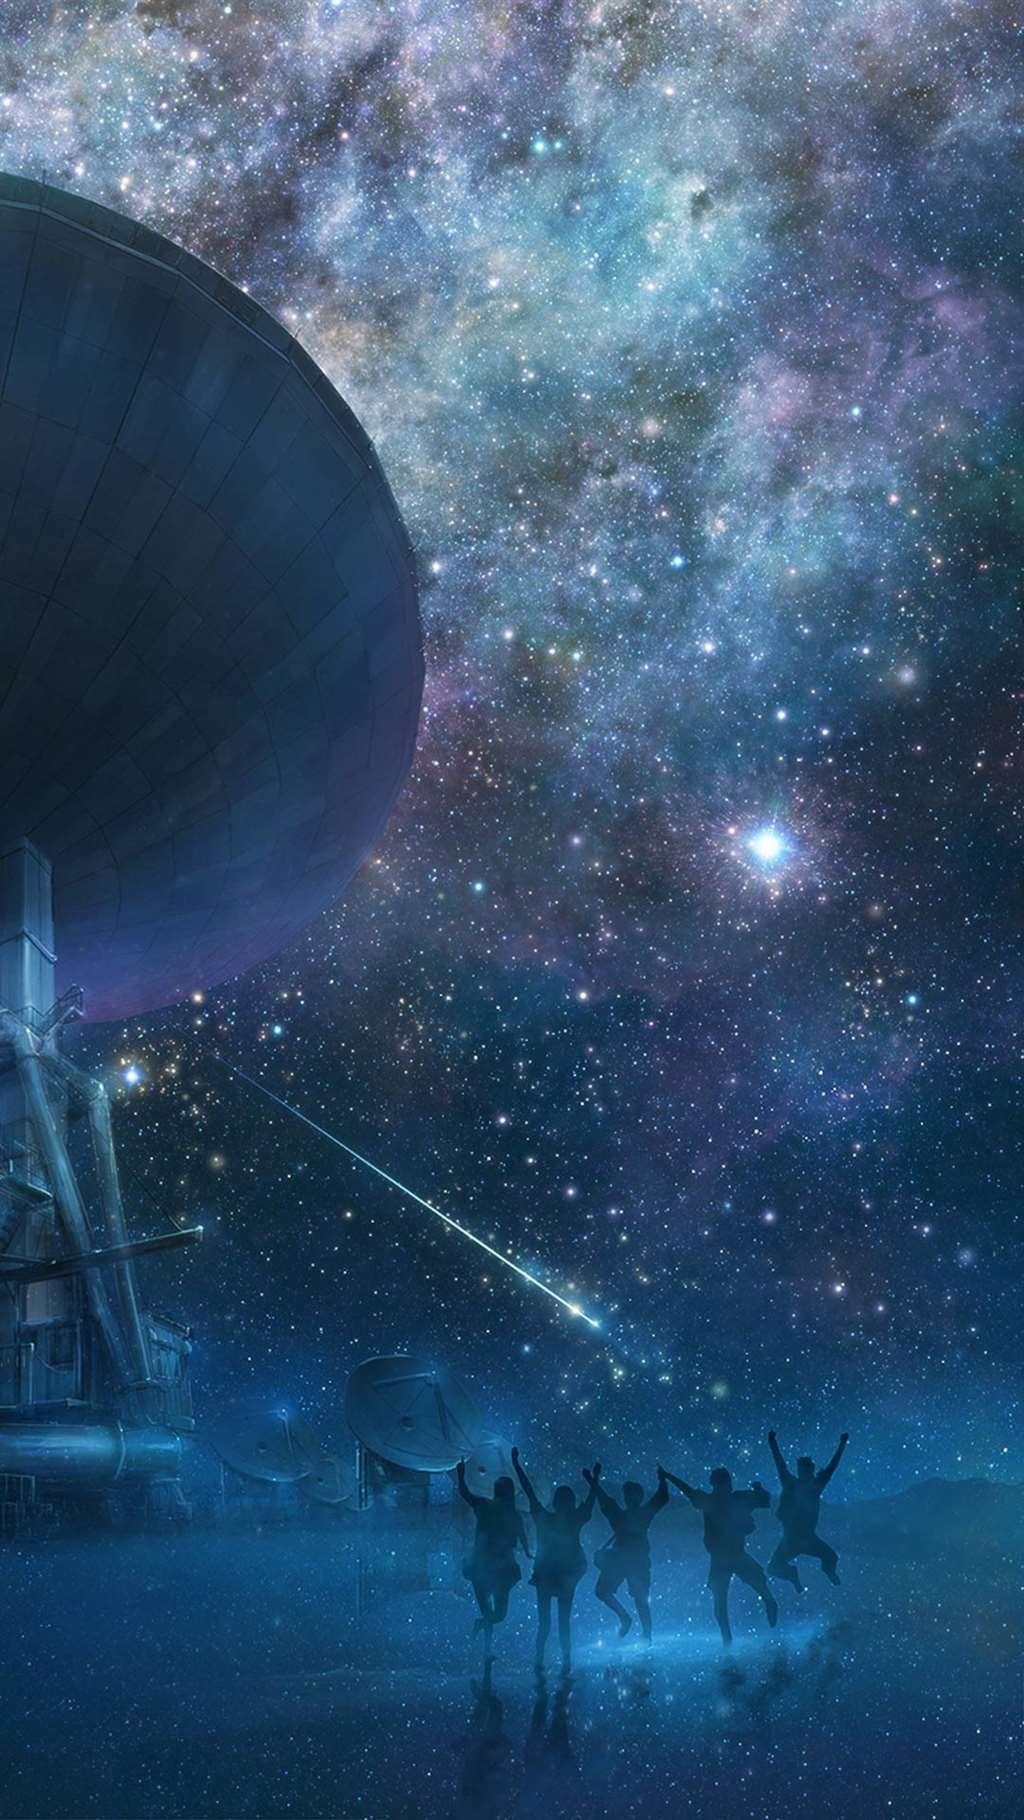 背景 壁纸 皮肤 星空 宇宙 桌面 1080_1920 竖版 竖屏 手机_高清图库